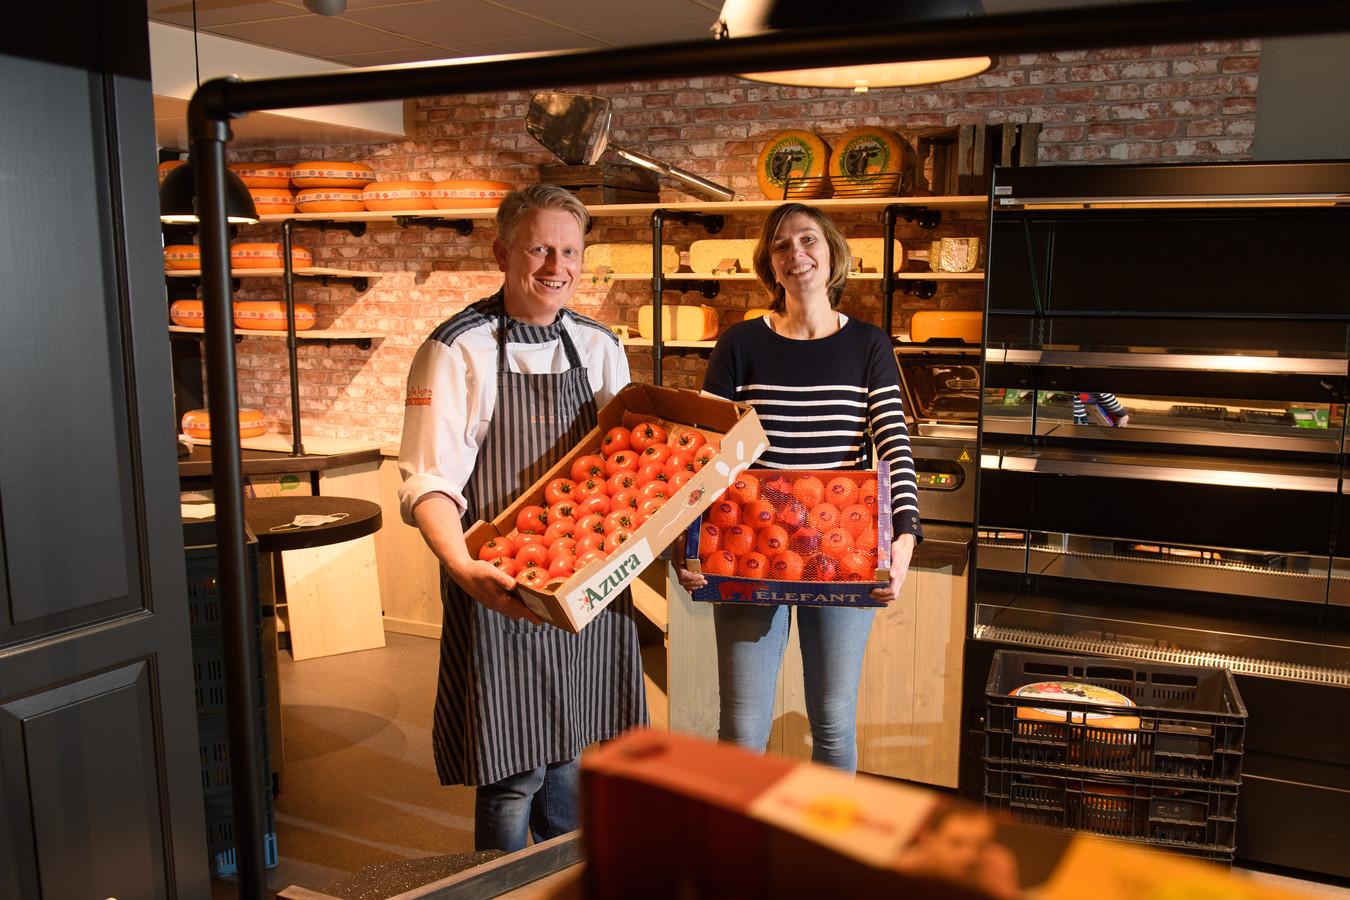 Richard en Kim Tukkers uit Enter beginnen naast hun cateringbedrijf een groente en fruitwinkel in hetzelfde pand aan de Dorpsstraat.